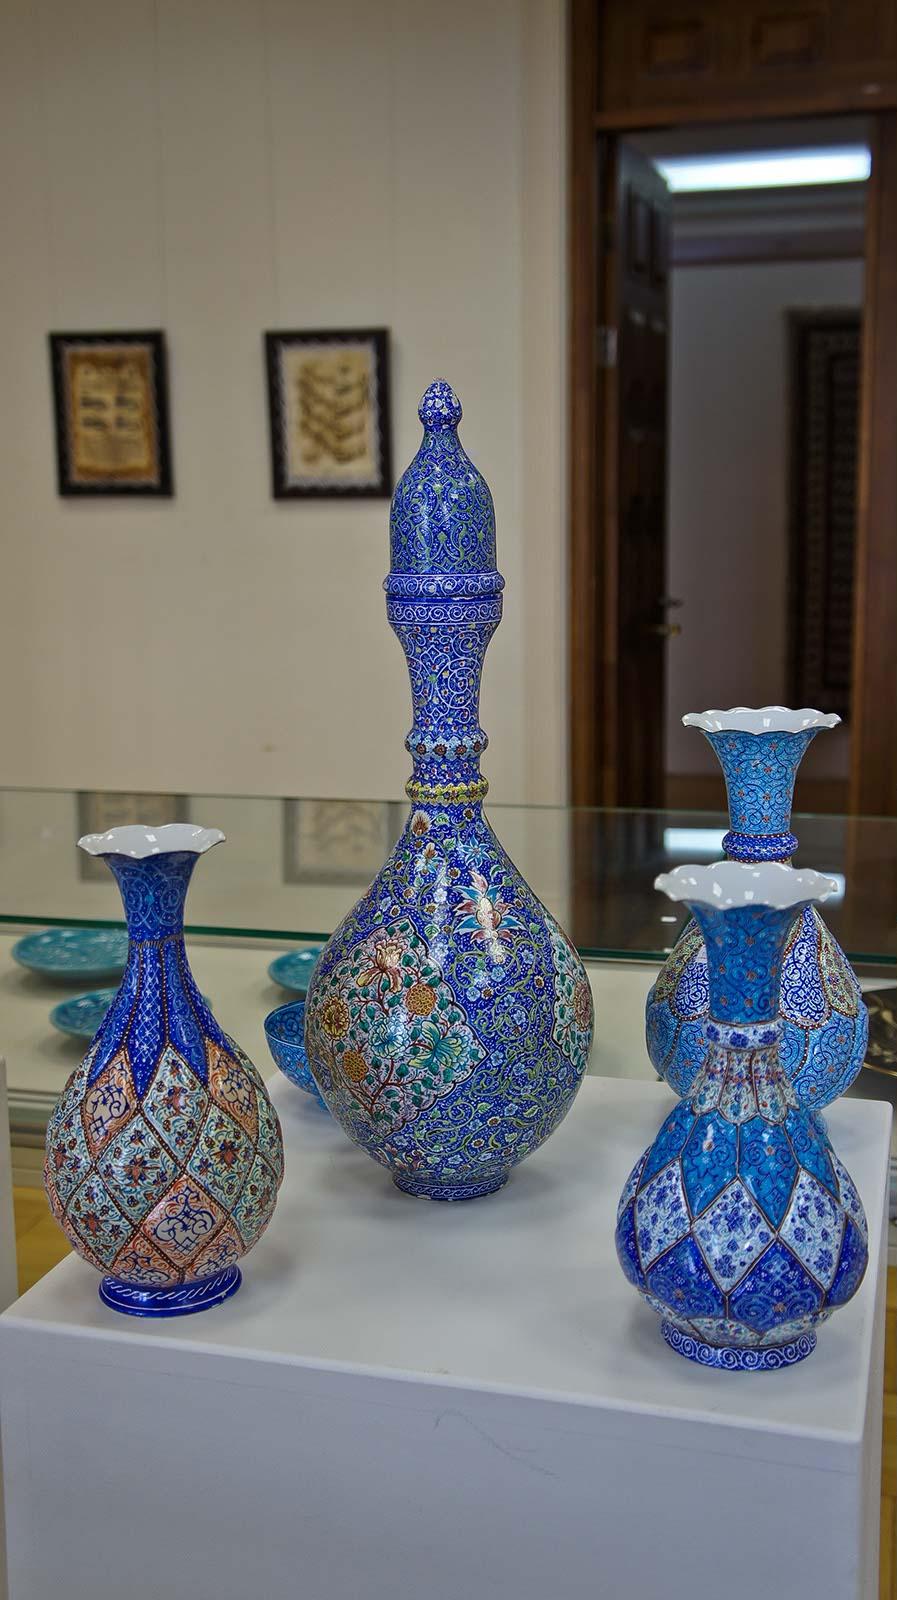 Фото №92006. Декоративные вазы с орнаментом